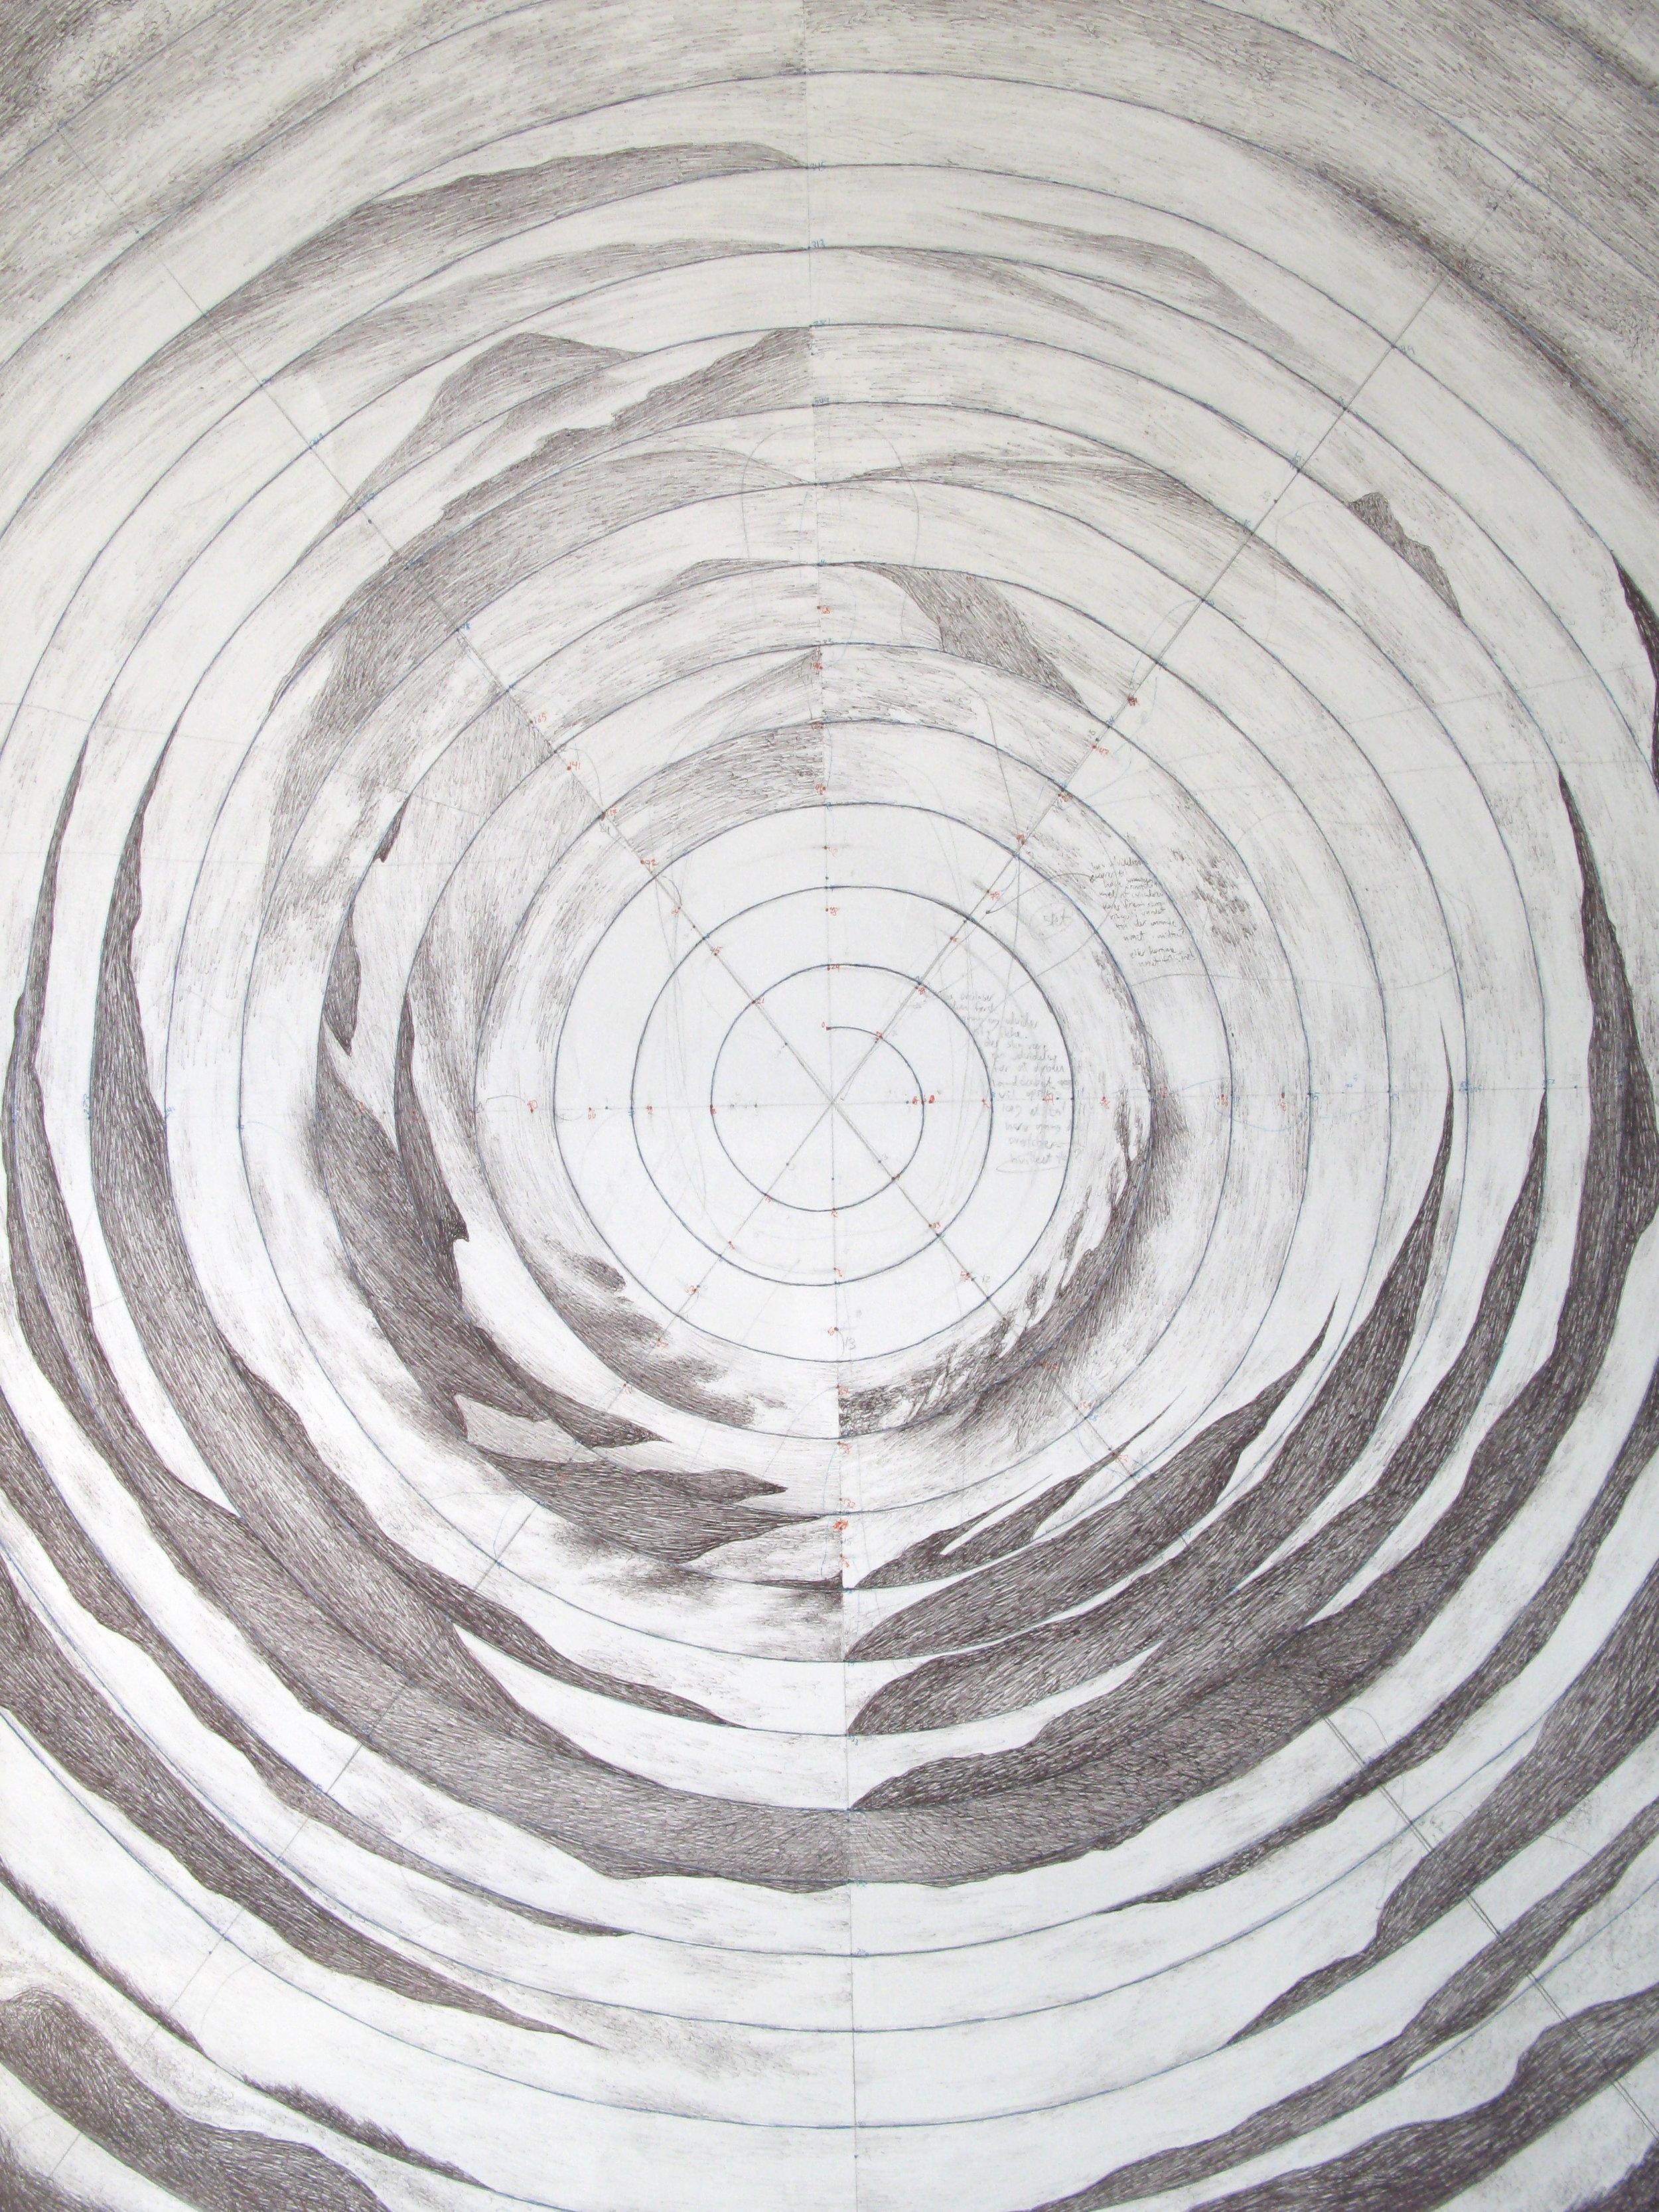 Uden titel. (landskabsserie 2/4) / Untitled. (landscape series 2/4)  Kuglepen og blyant på papir / Ballpen and pencil on paper). 98,4x74,8cm. 2013